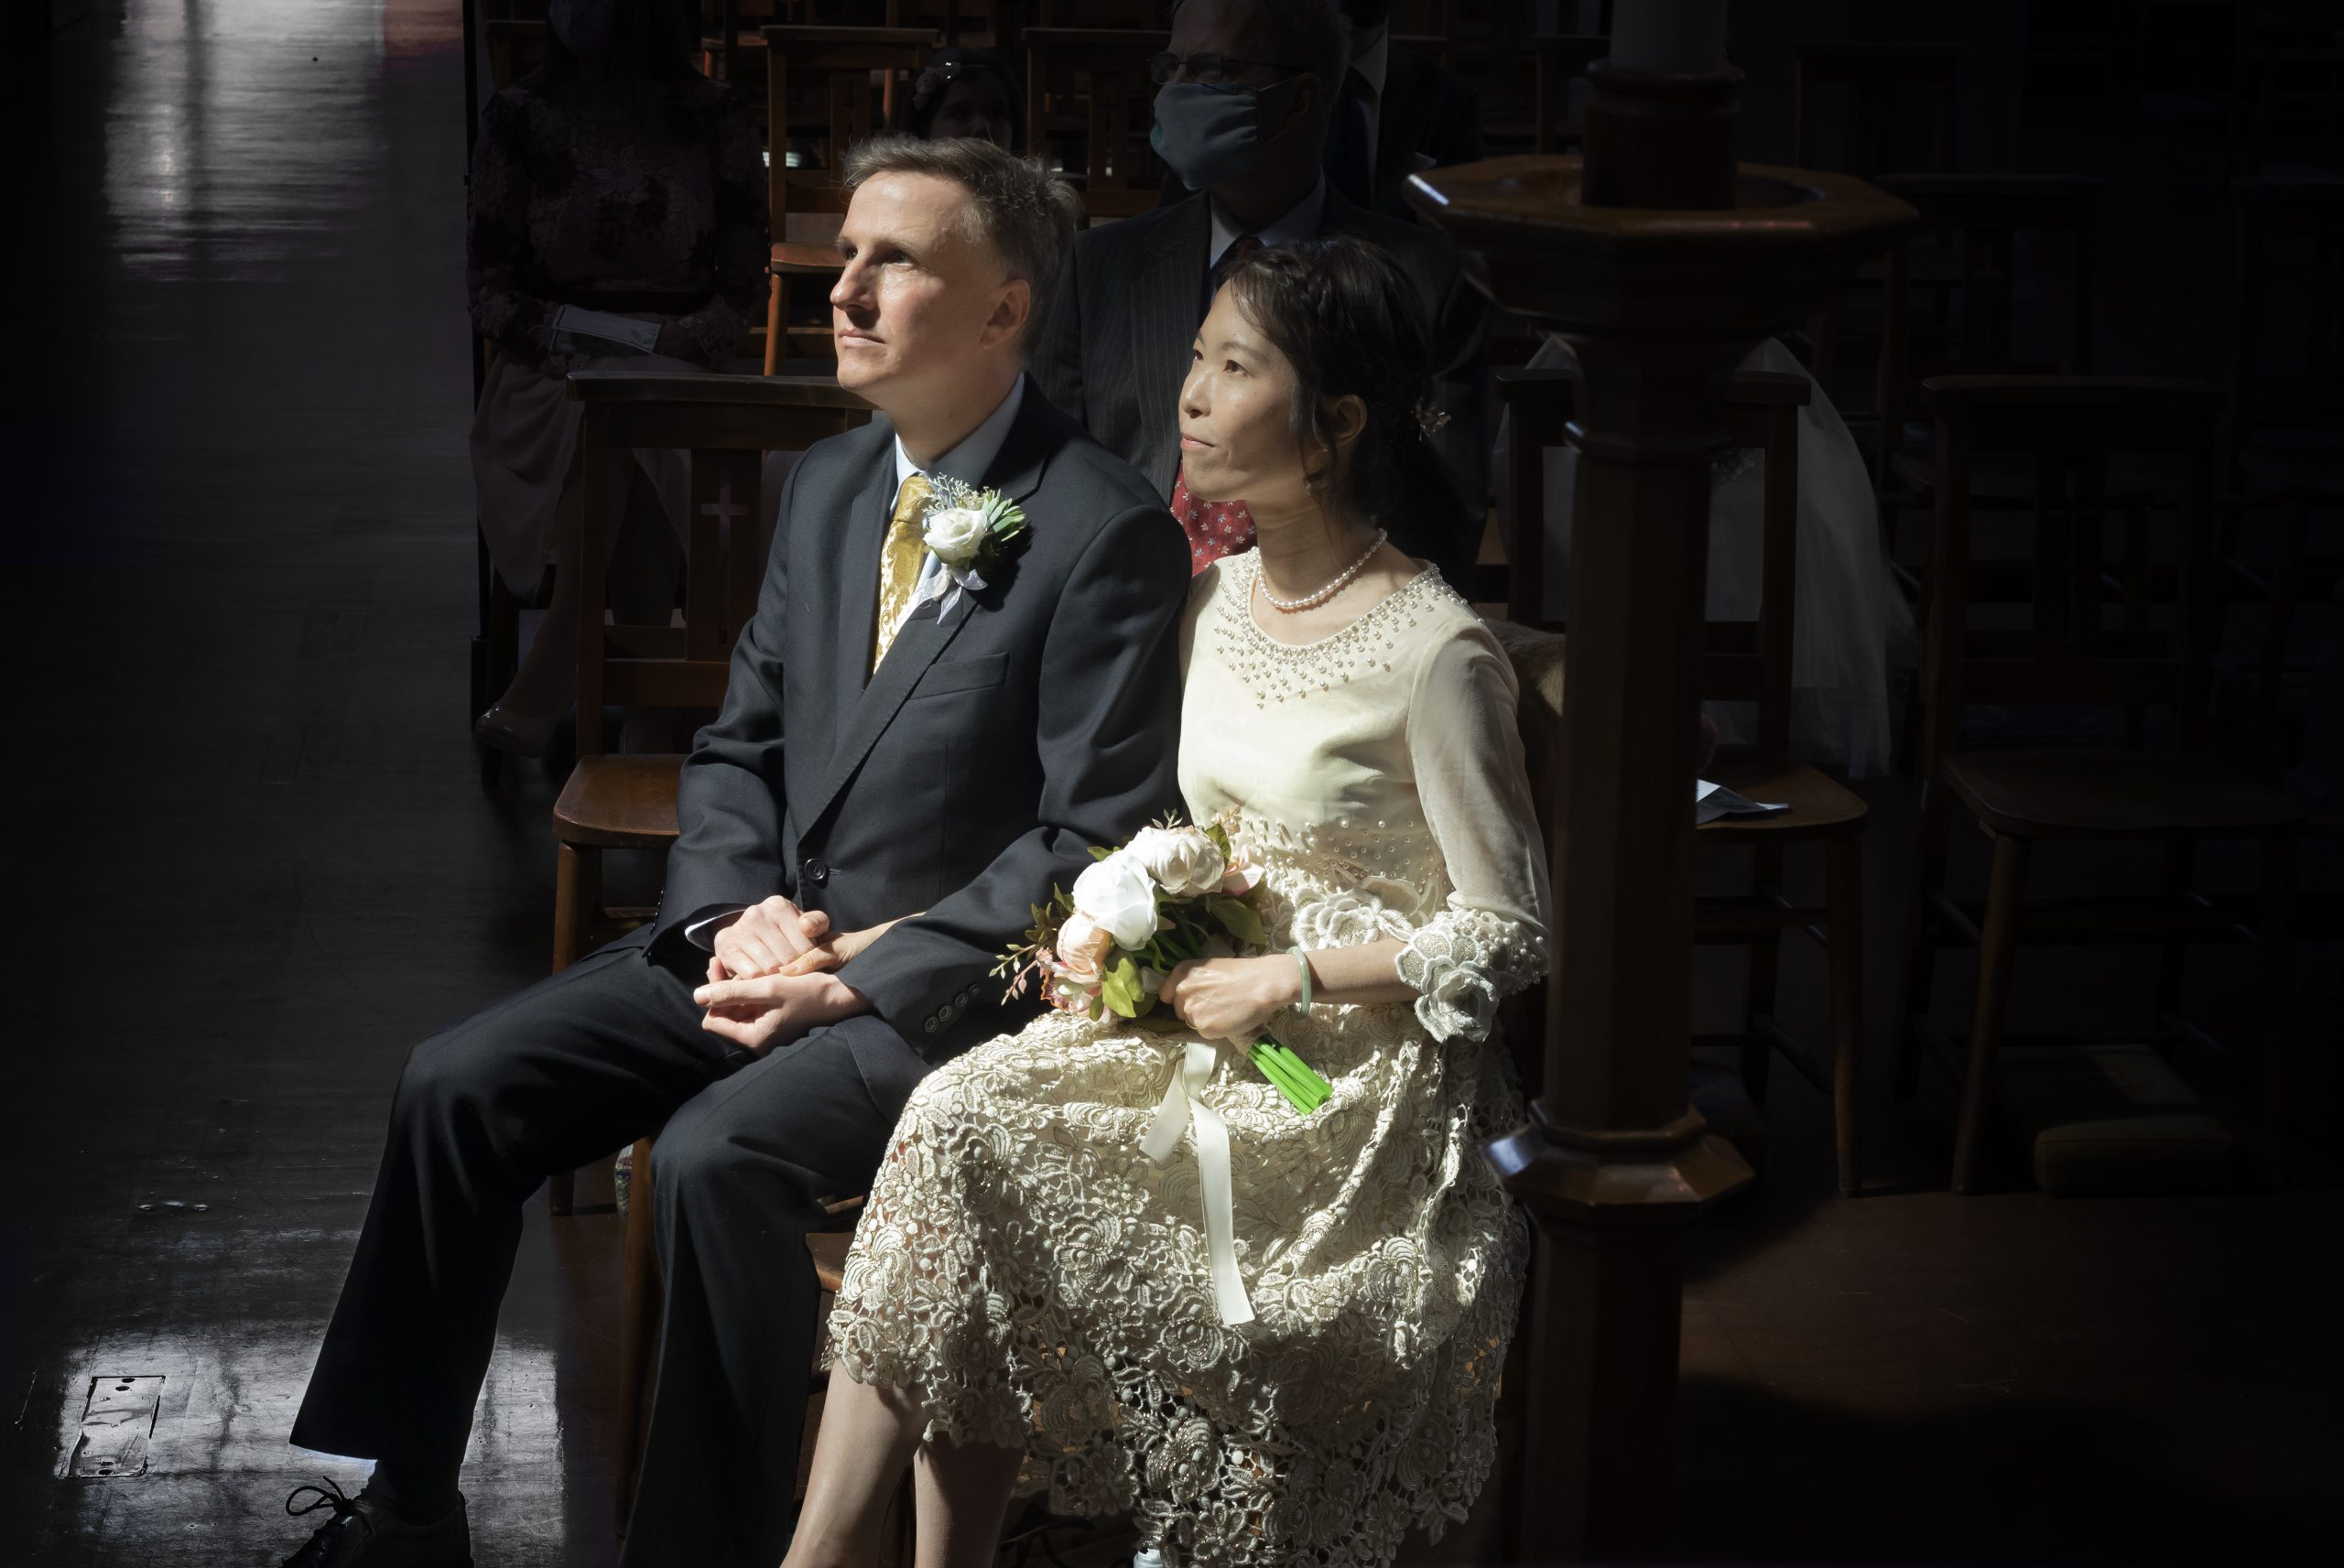 Emma Lowe Wedding Photography - Crisp Wedding